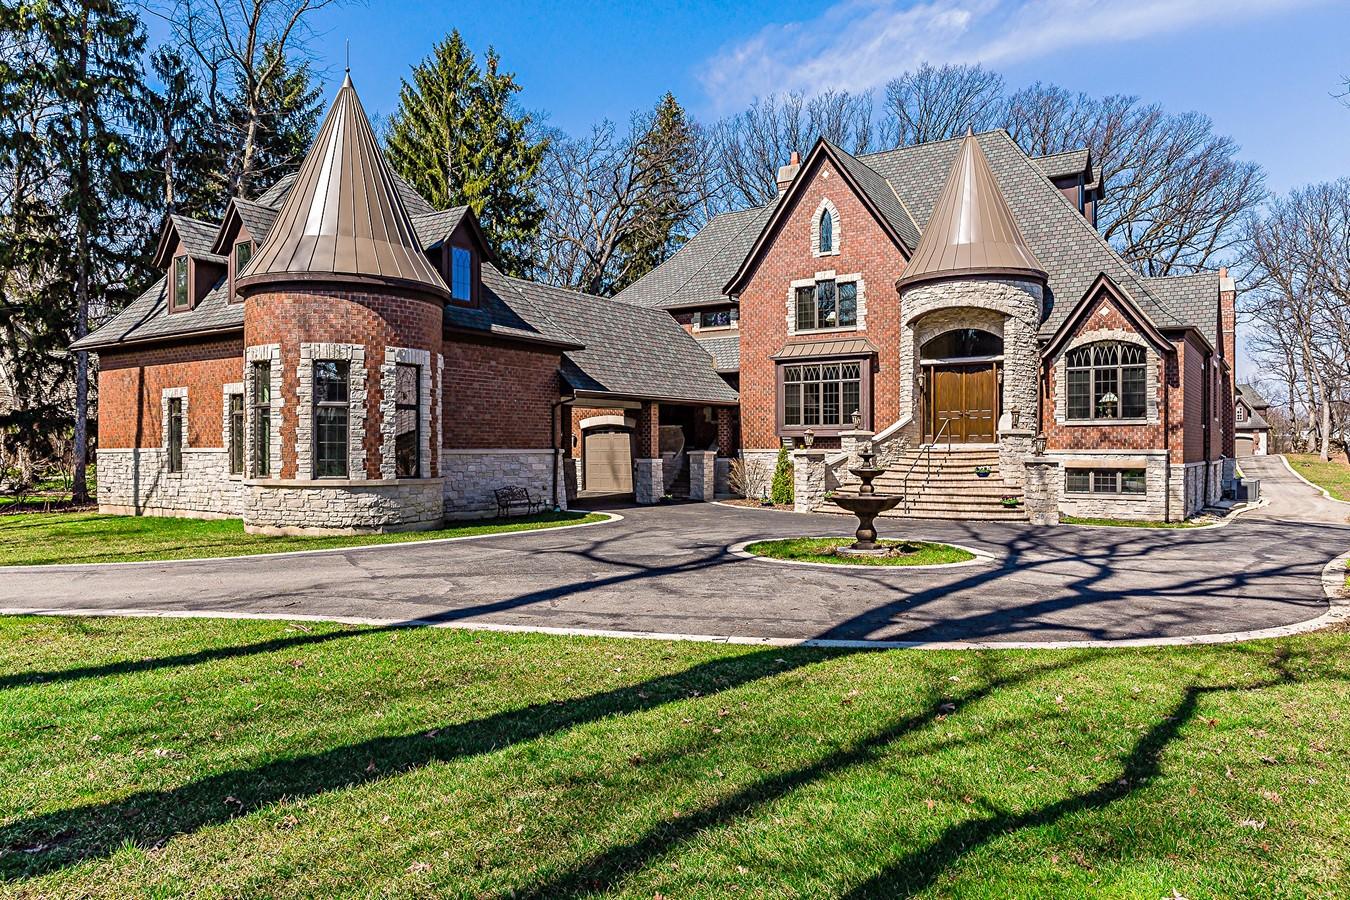 独户住宅 为 销售 在 3108 White Oak Ln 3108 White Oak Lane 橡溪镇, 伊利诺斯州, 60523 美国